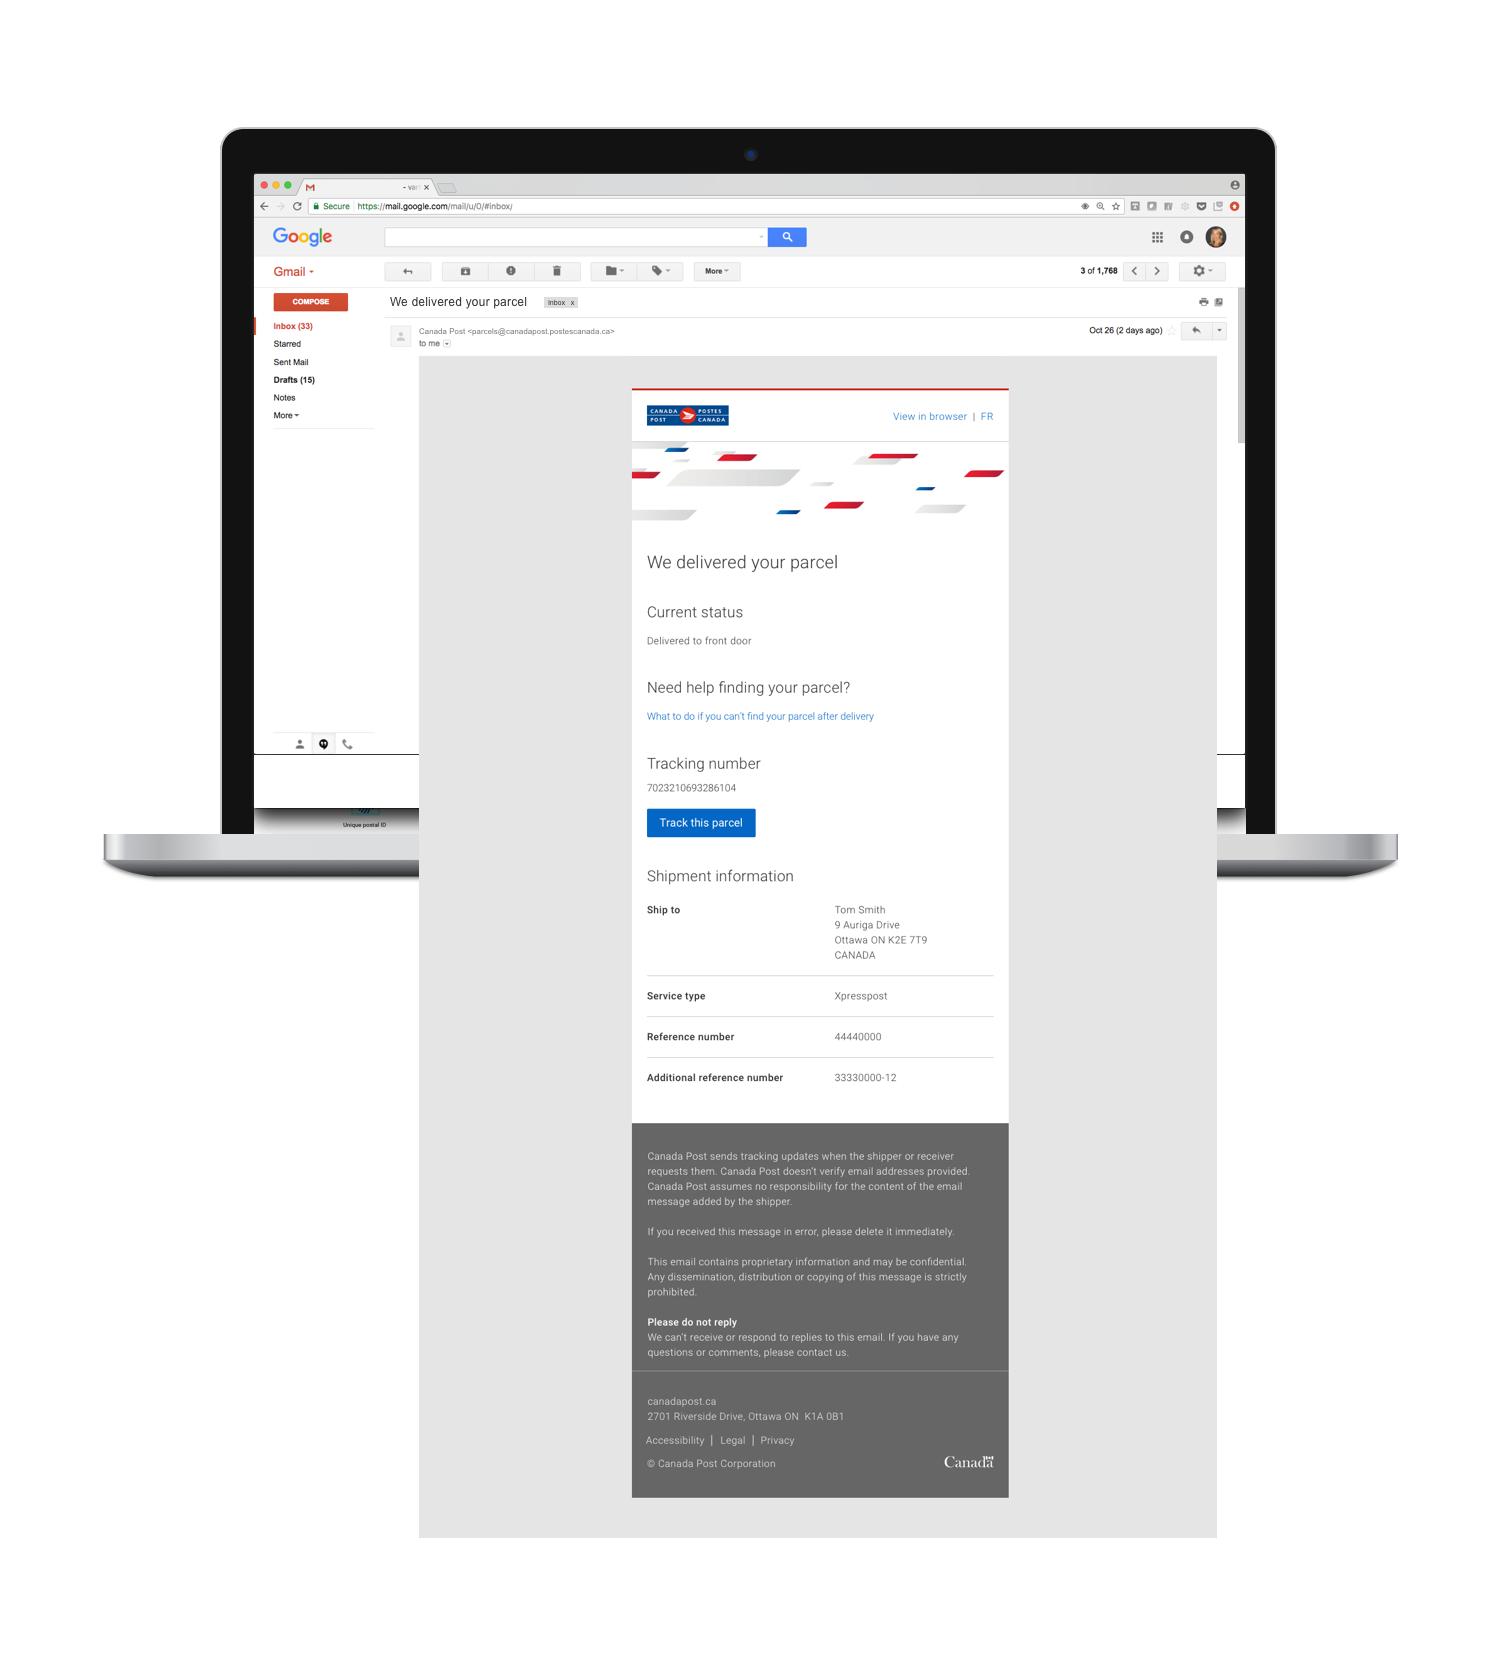 Parcel delivery notification - desktop view